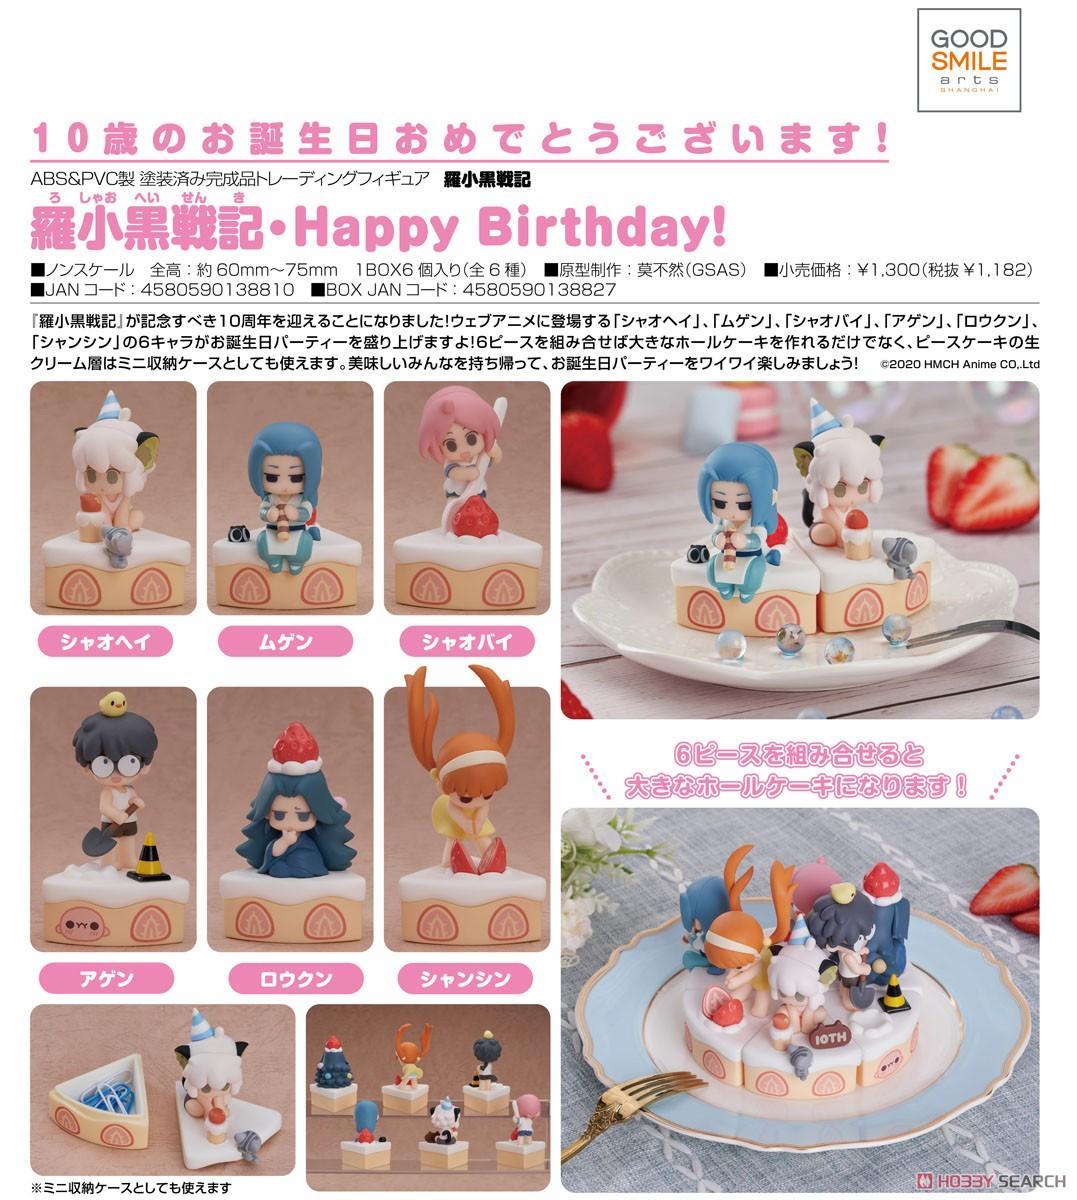 ロシャオヘイセンキ『羅小黒戦記・Happy Birthday!』トレーディングフィギュア 6個入りBOX-010